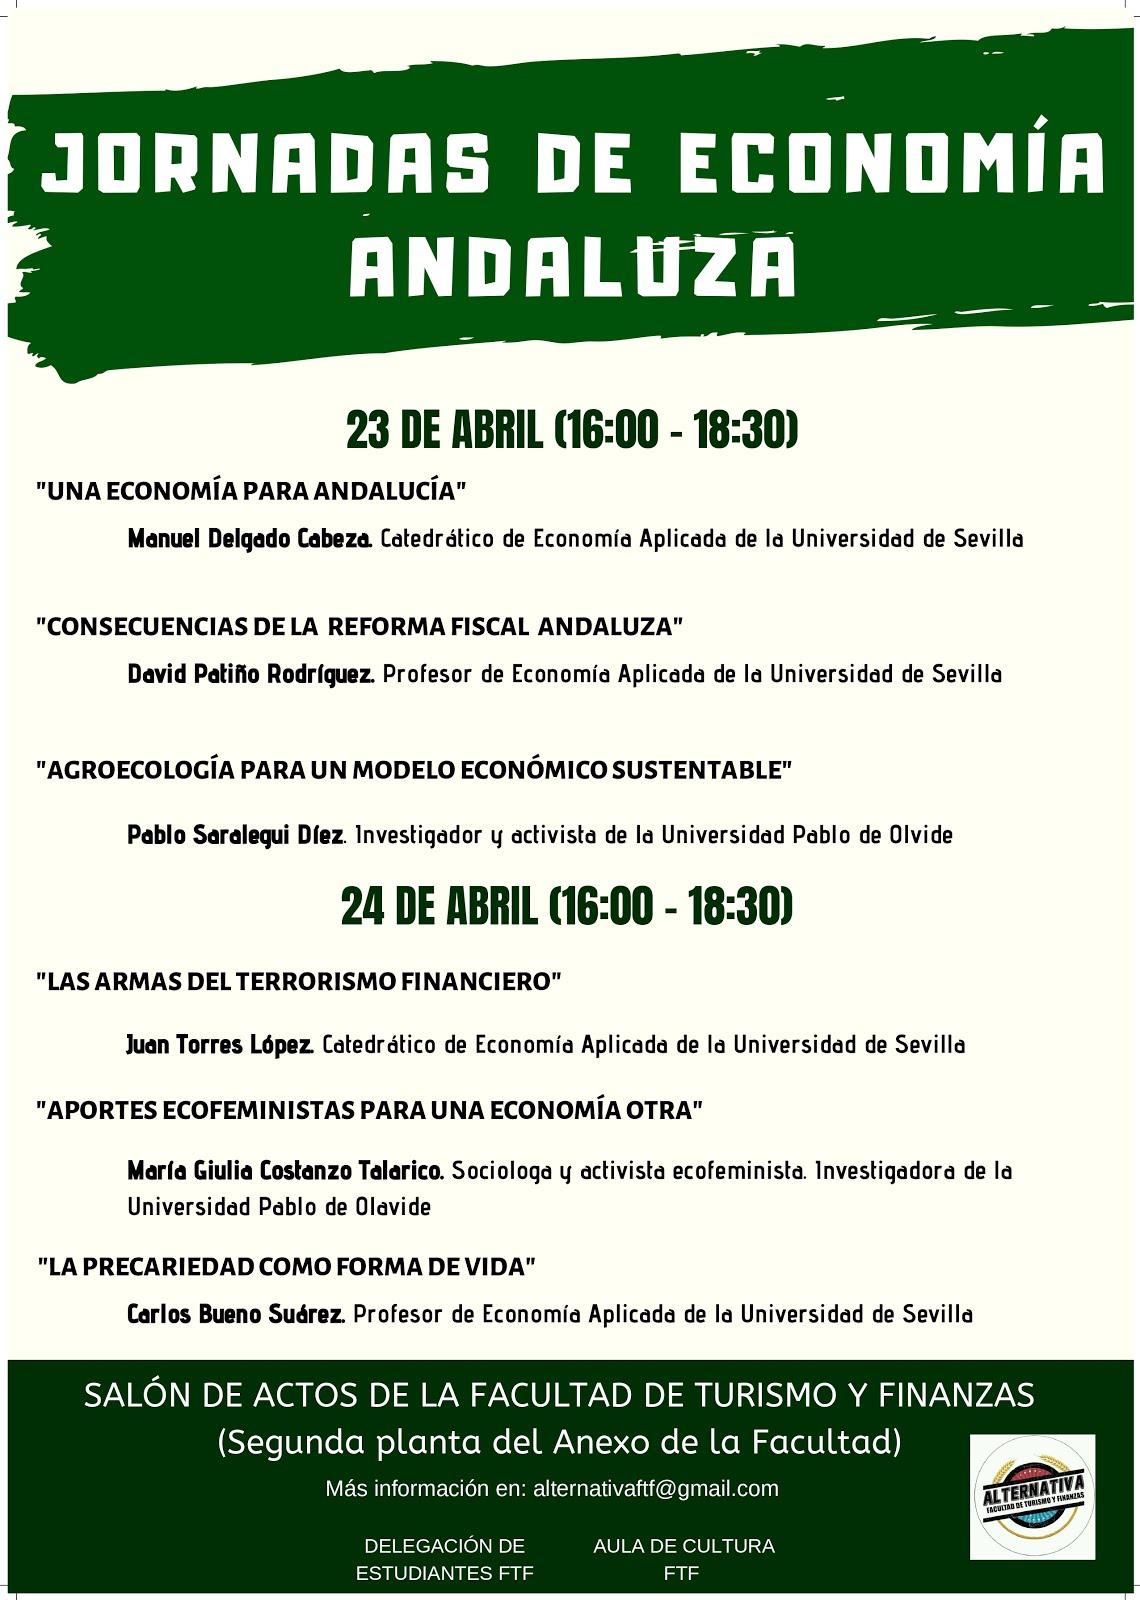 JORNADAS DE ECONOMÍA ANDALUZA